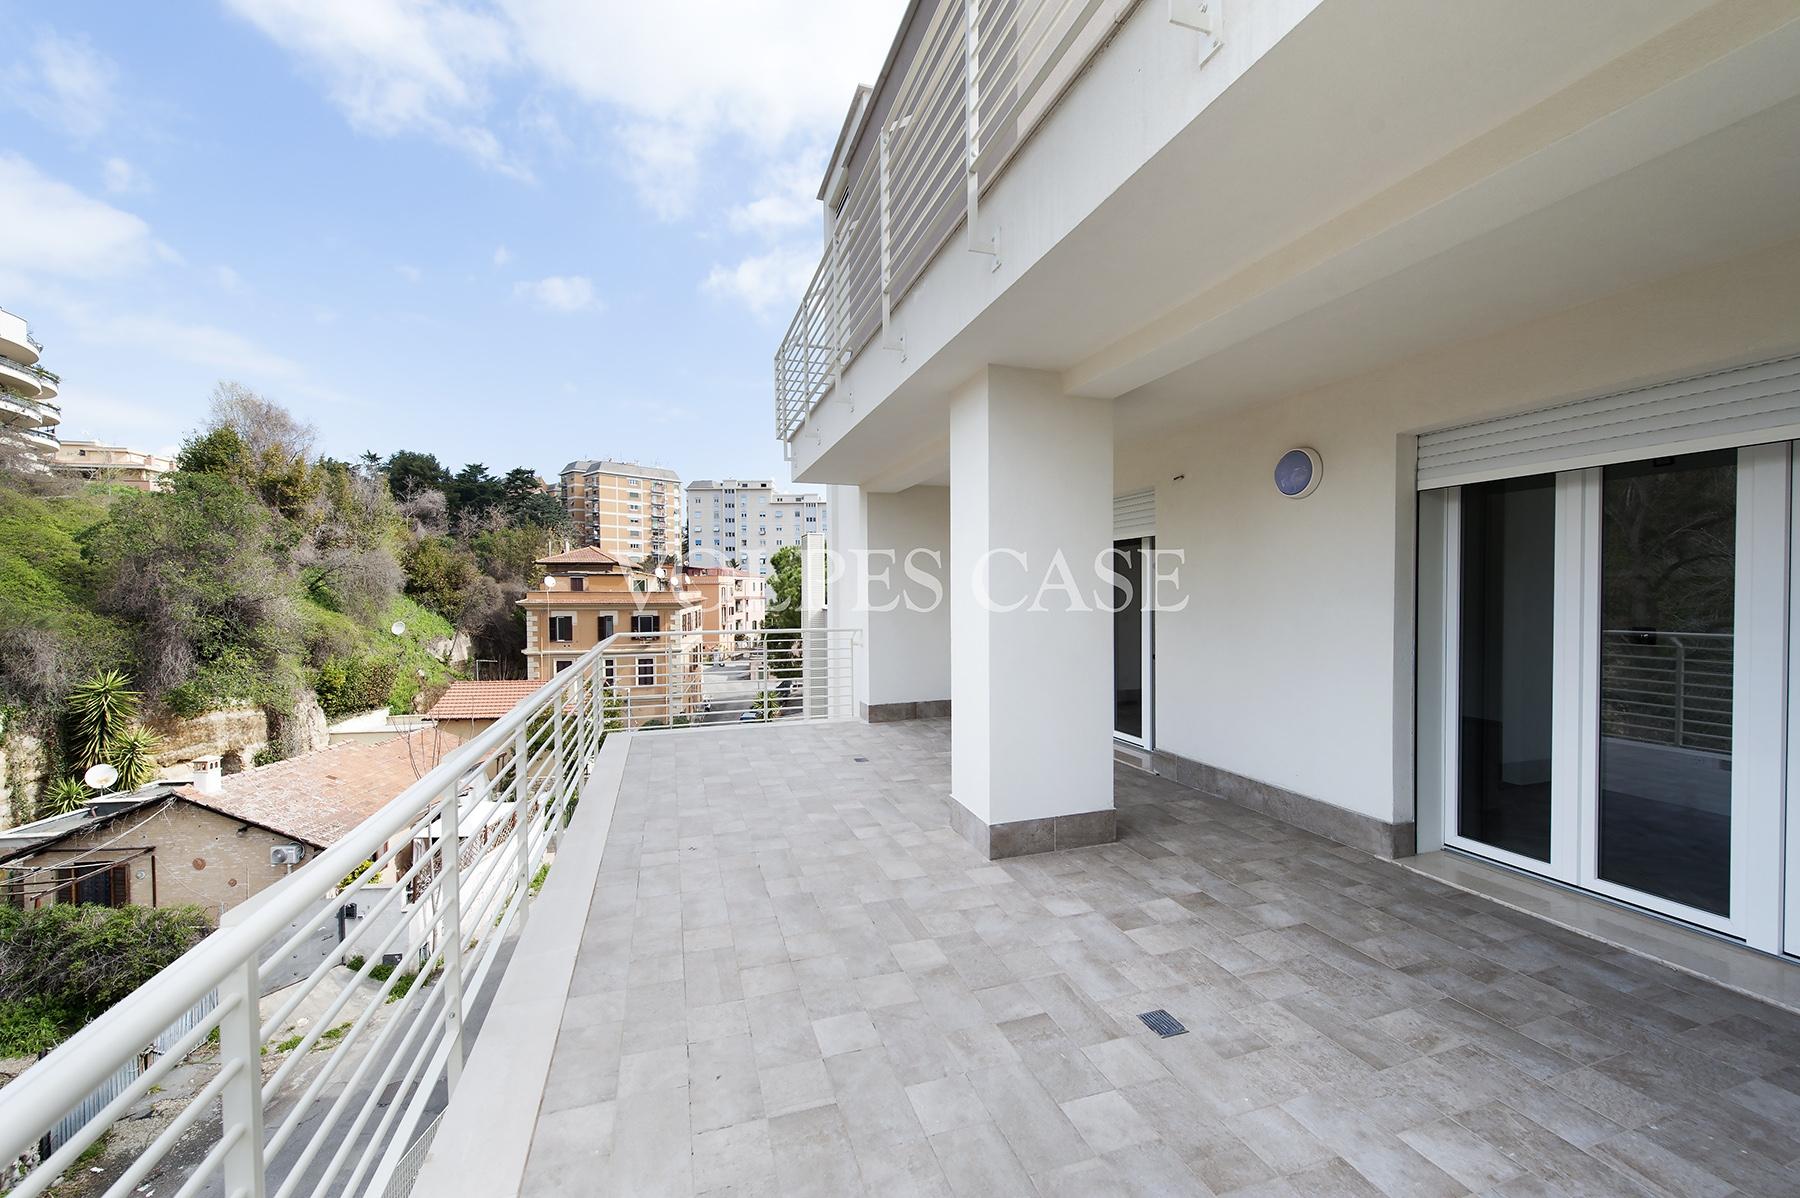 Appartamento in affitto a roma cod v45 3476 for Affitto appartamento roma privati